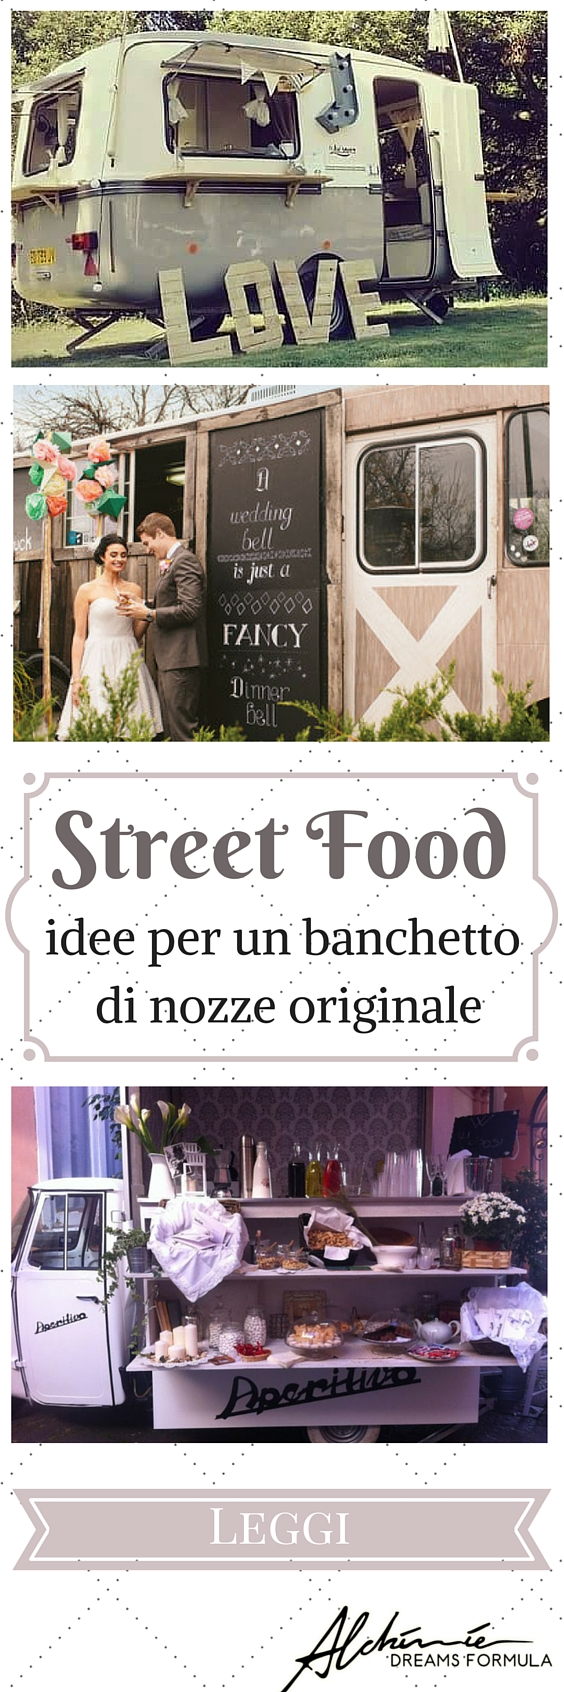 Street food: idee per un banchetto di nozze originale